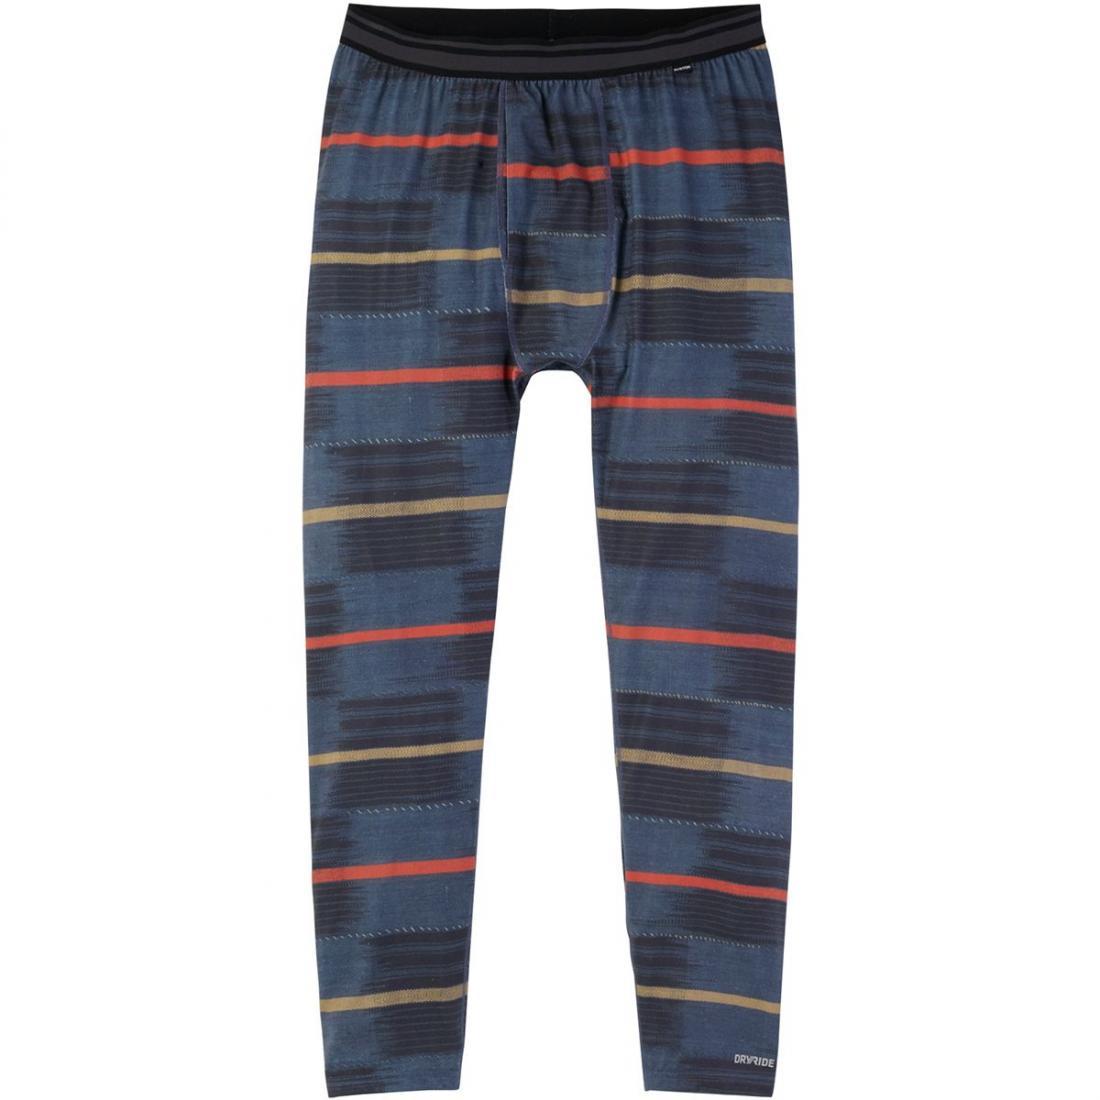 Термобелье Burton Midweight Base Layer Pant купить в Boardshop №1